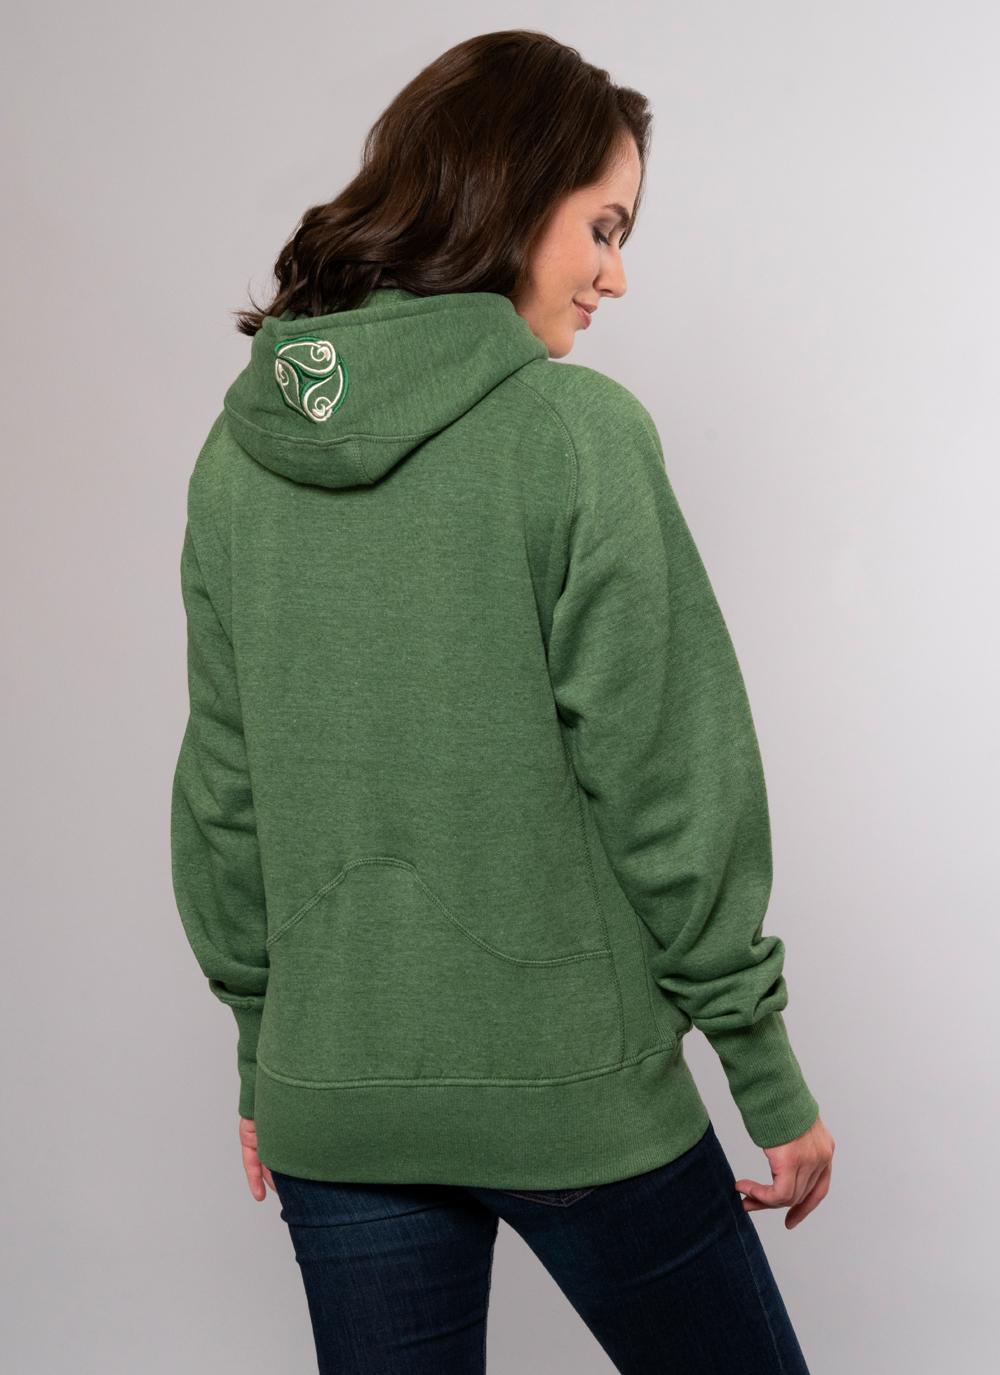 Ladies Ireland Fitted Hoody New Ladies Cotton Full Zip Hoodie Irish Hooded Top